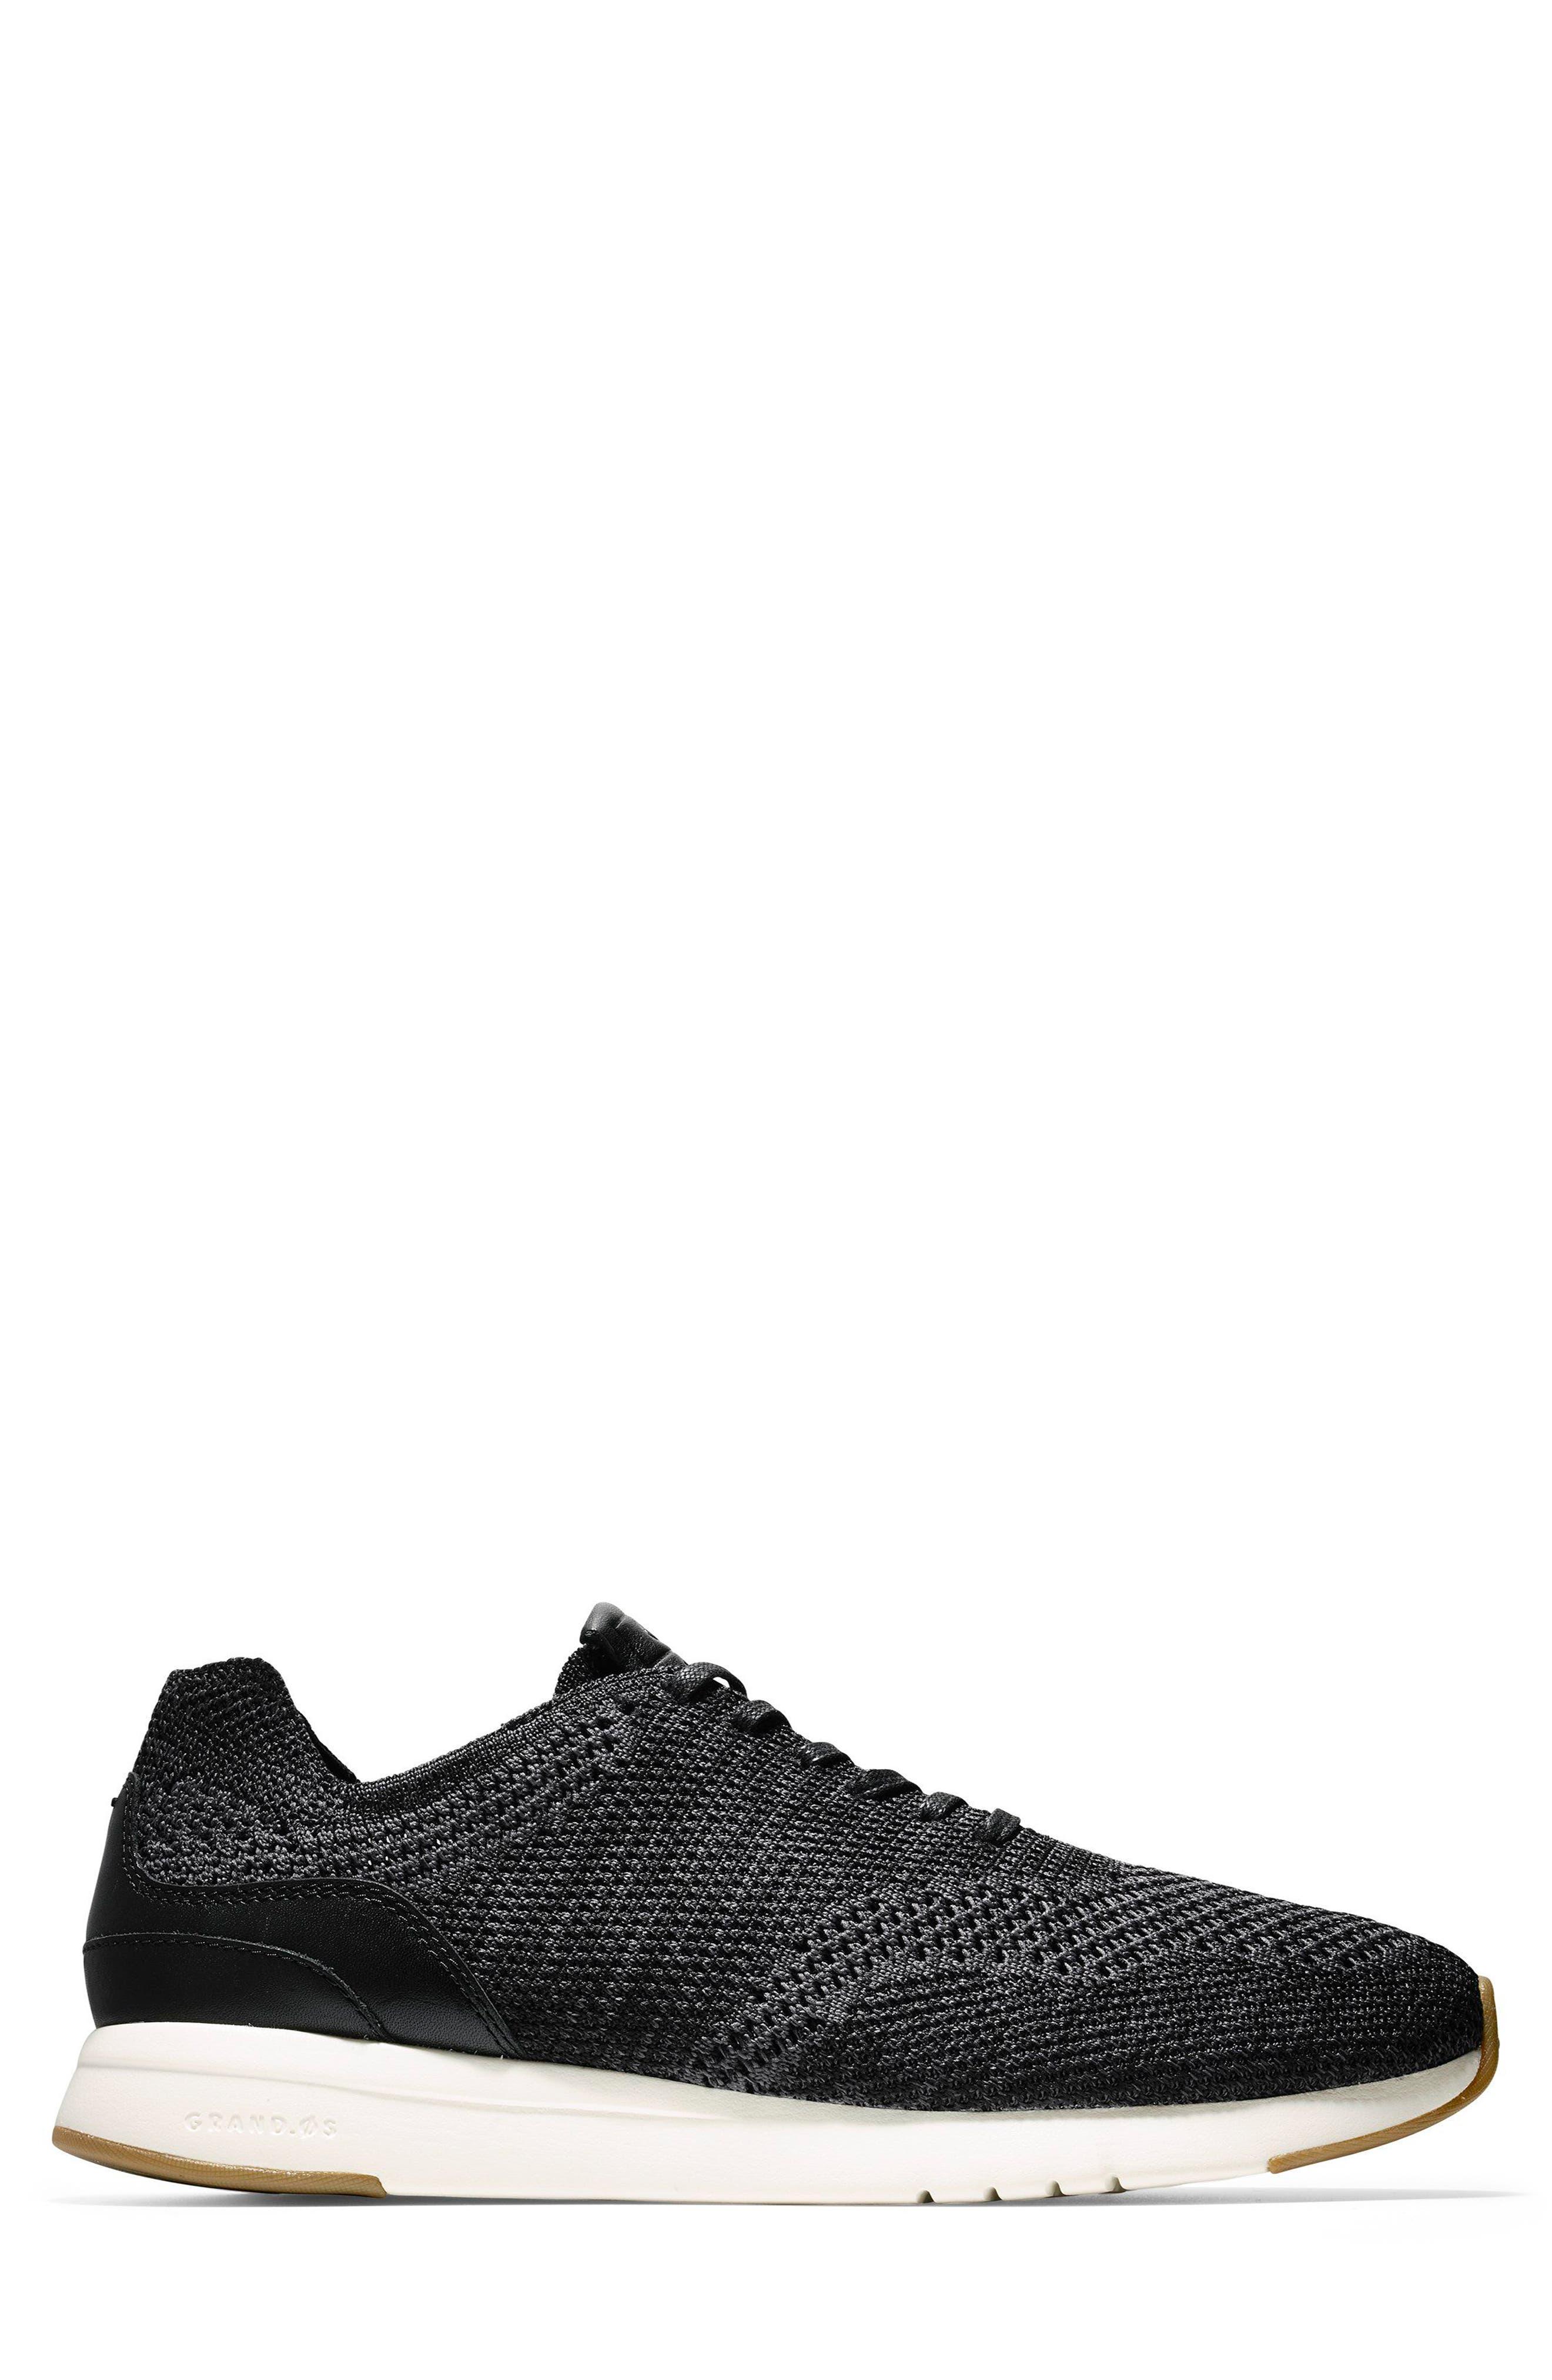 GrandPro Runner Stitchlite Sneaker,                             Alternate thumbnail 3, color,                             001